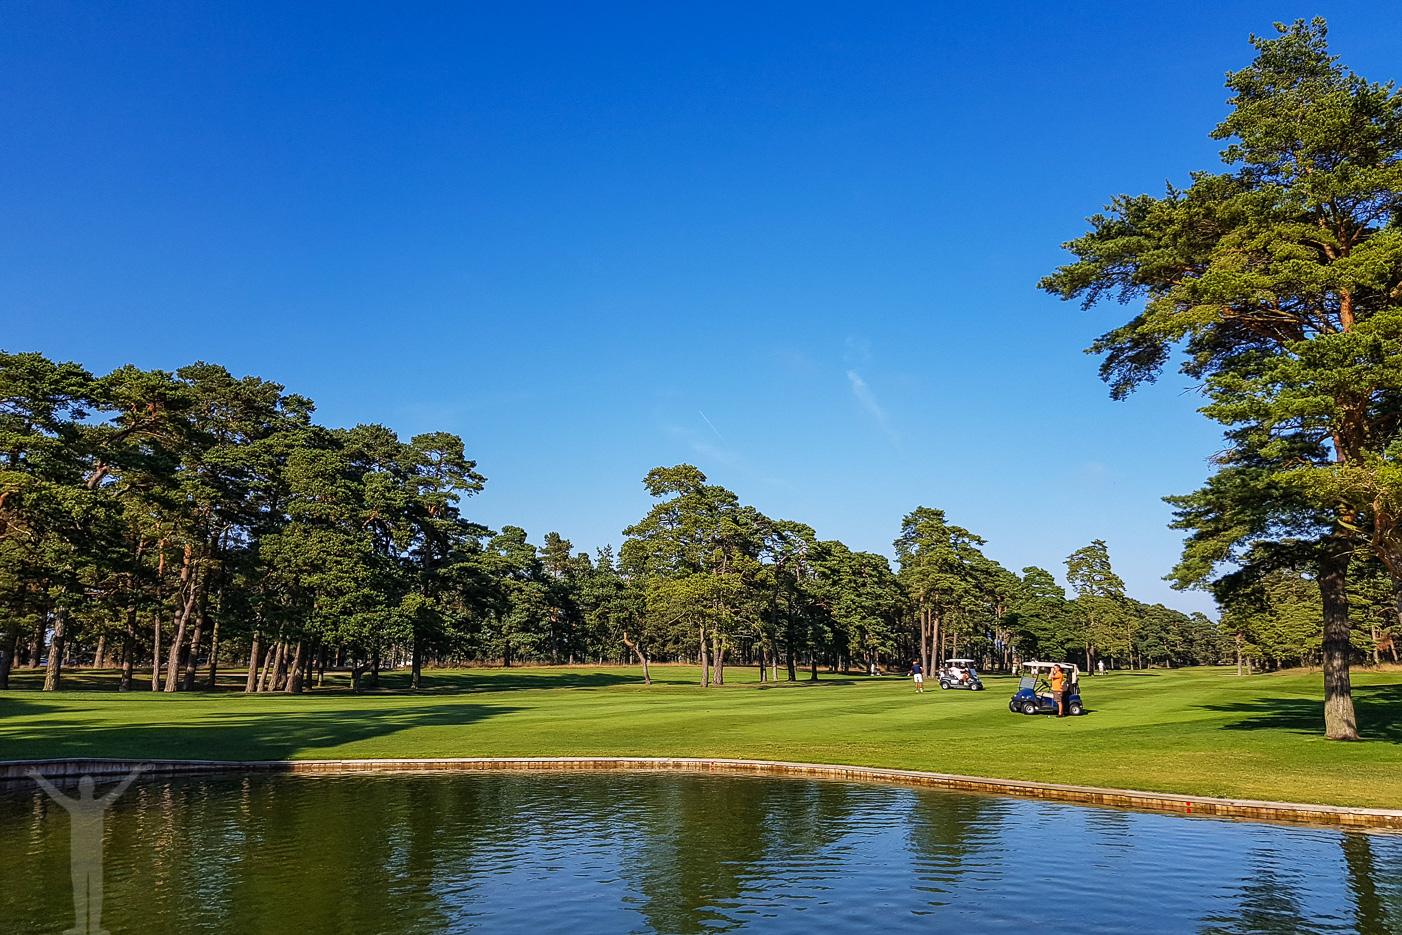 Golf med vattenhinder - Åhus och Kristianstad